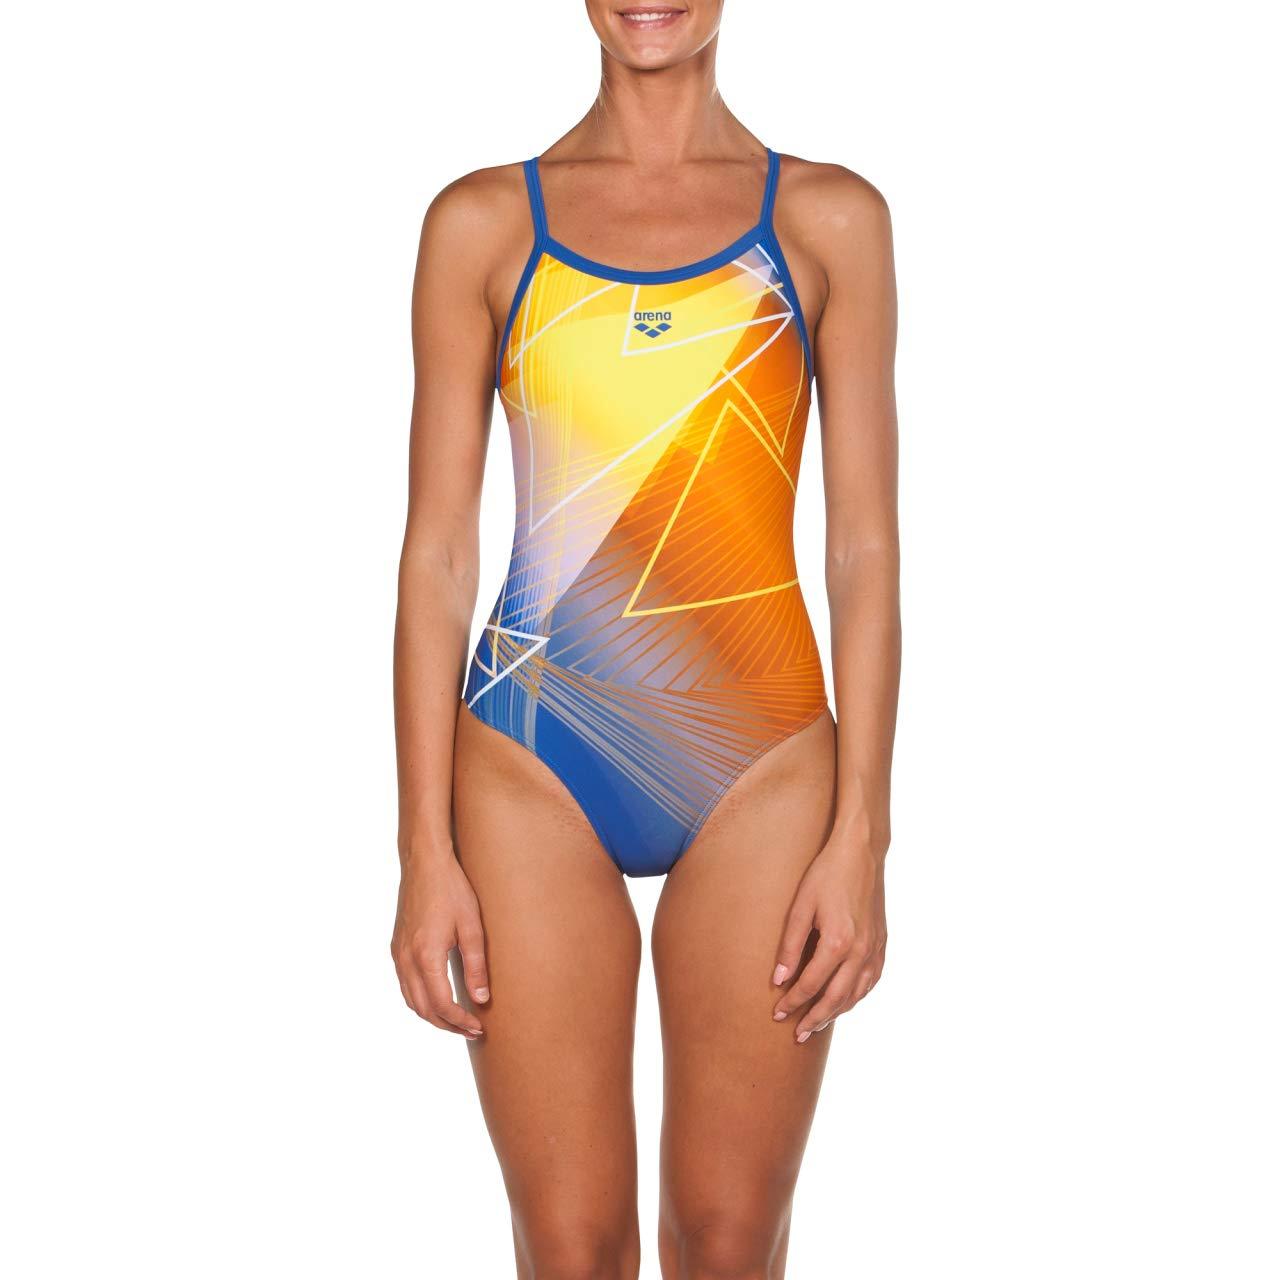 Haut femme One Piece Maillots de bain Maillots de bain Athletic Training Maillot de bain Beachwear